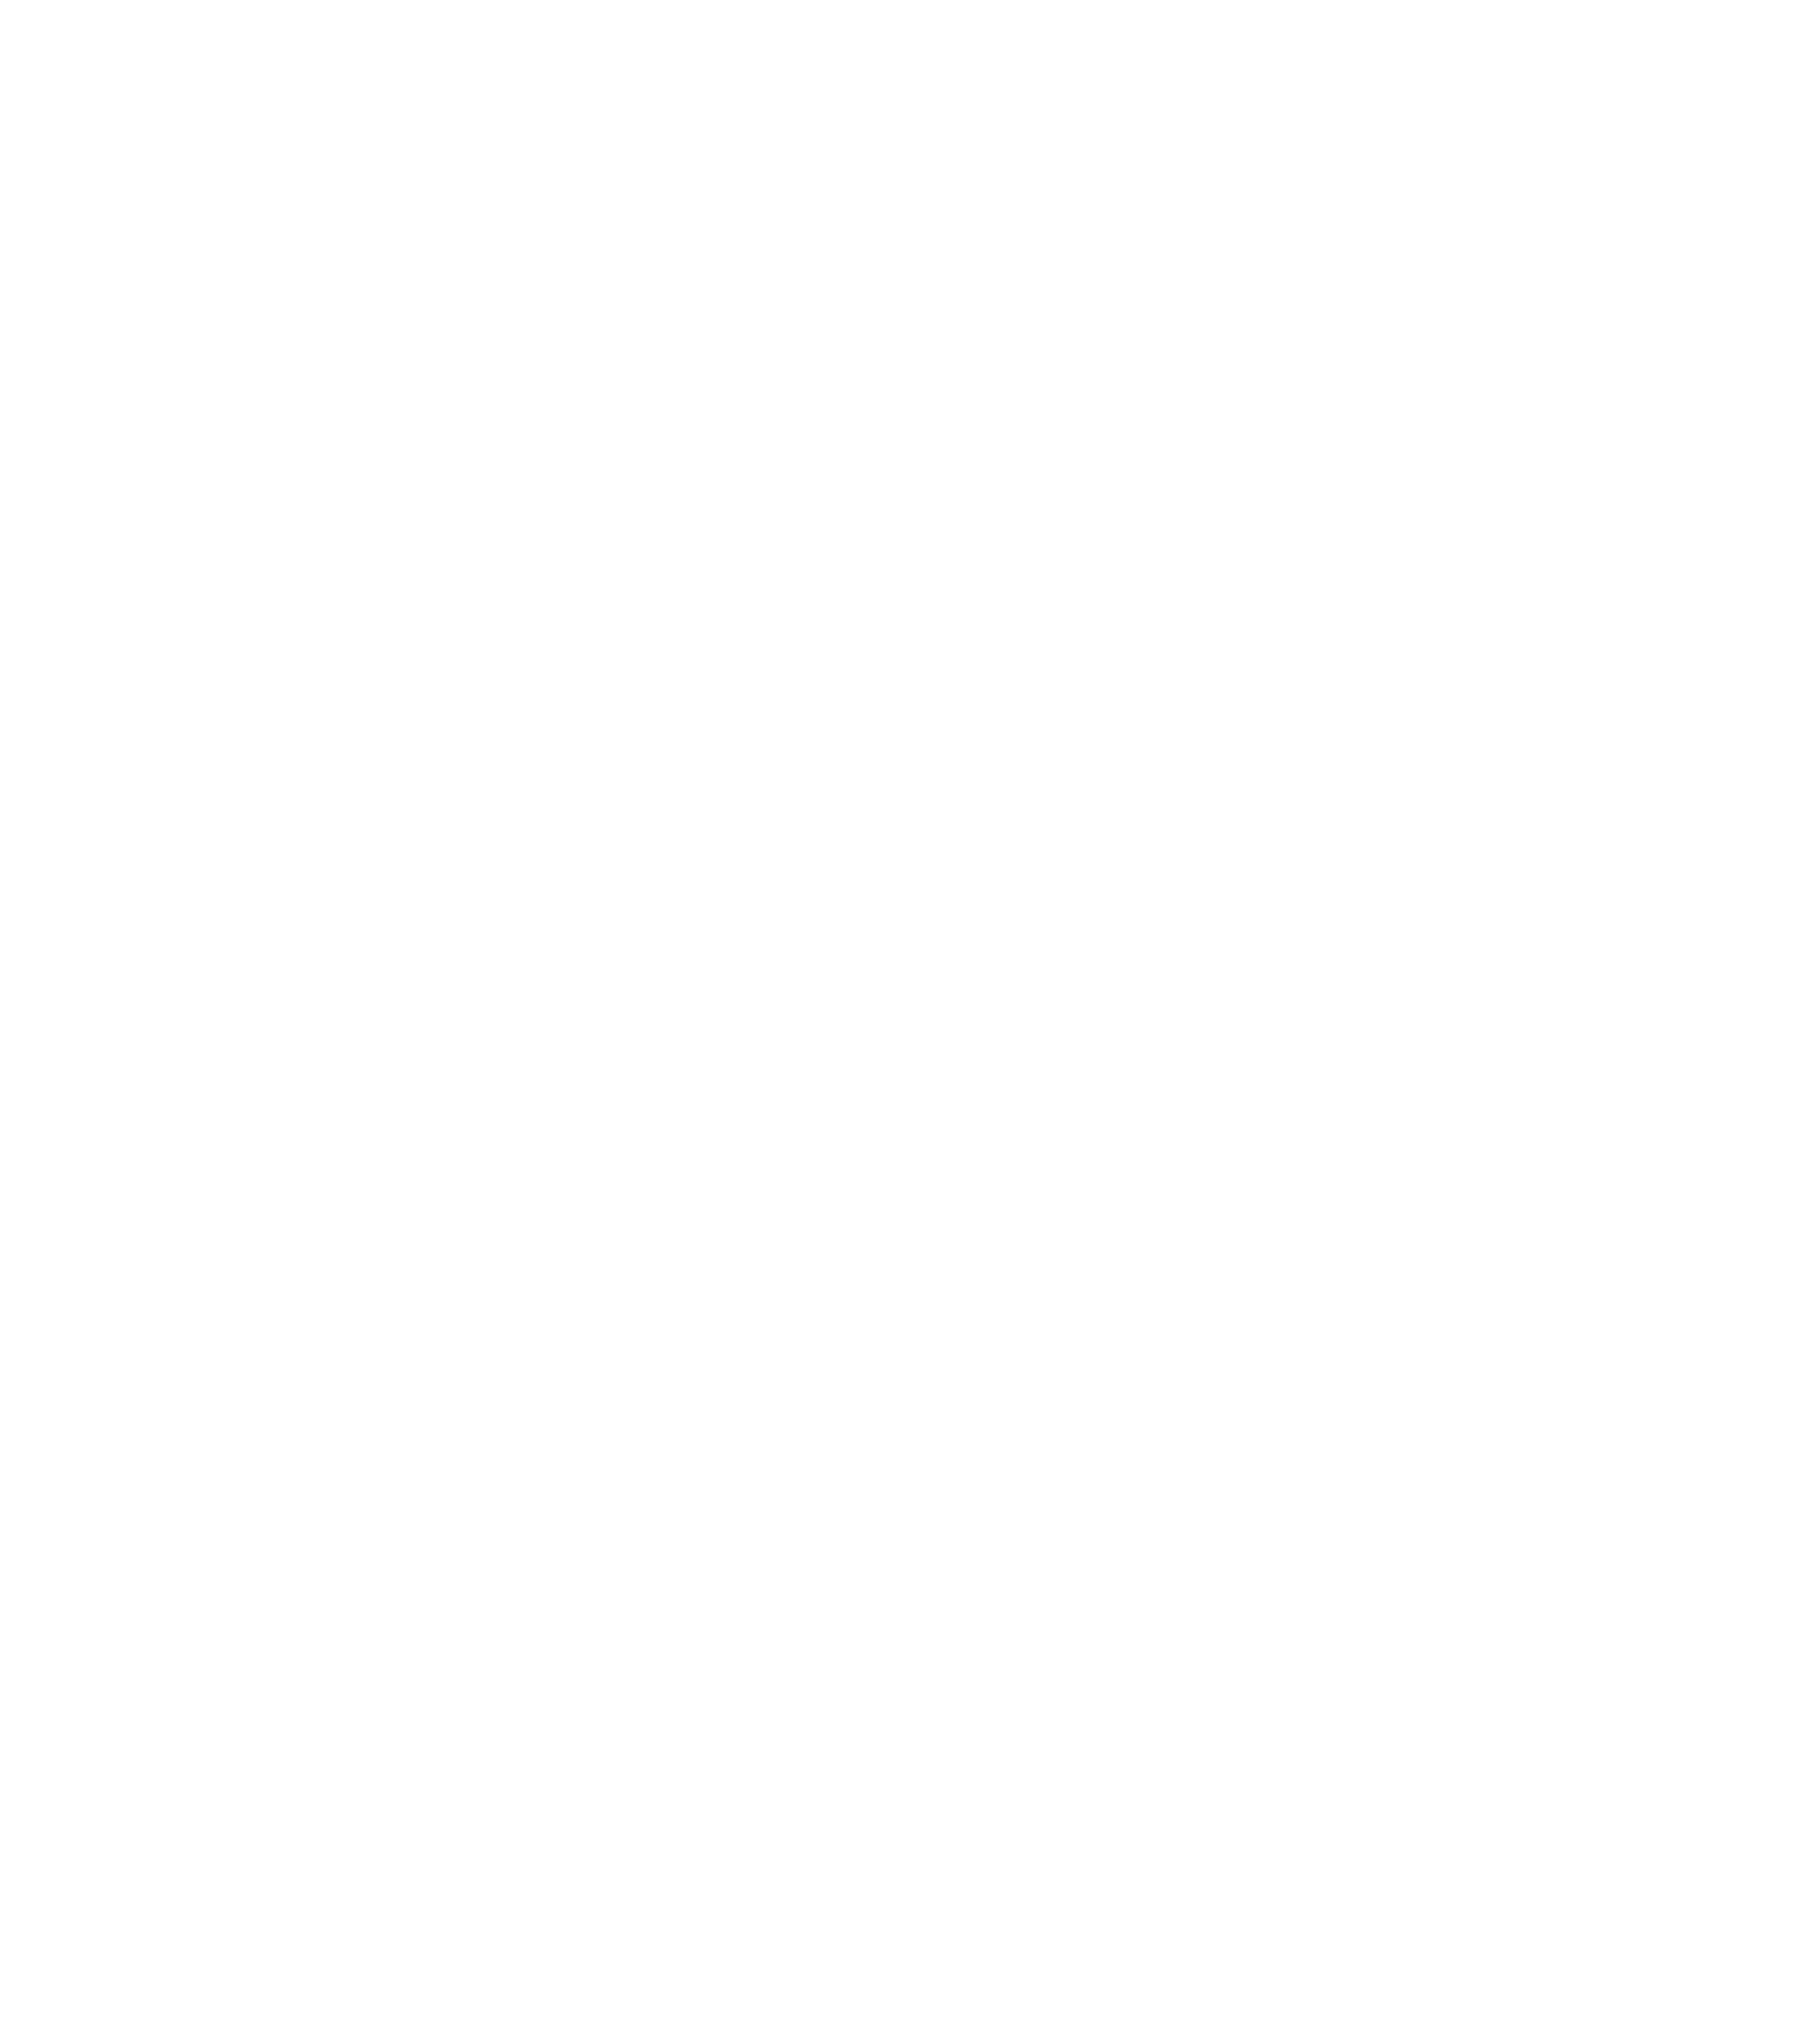 Logo unam png blanco 1 » PNG Image.